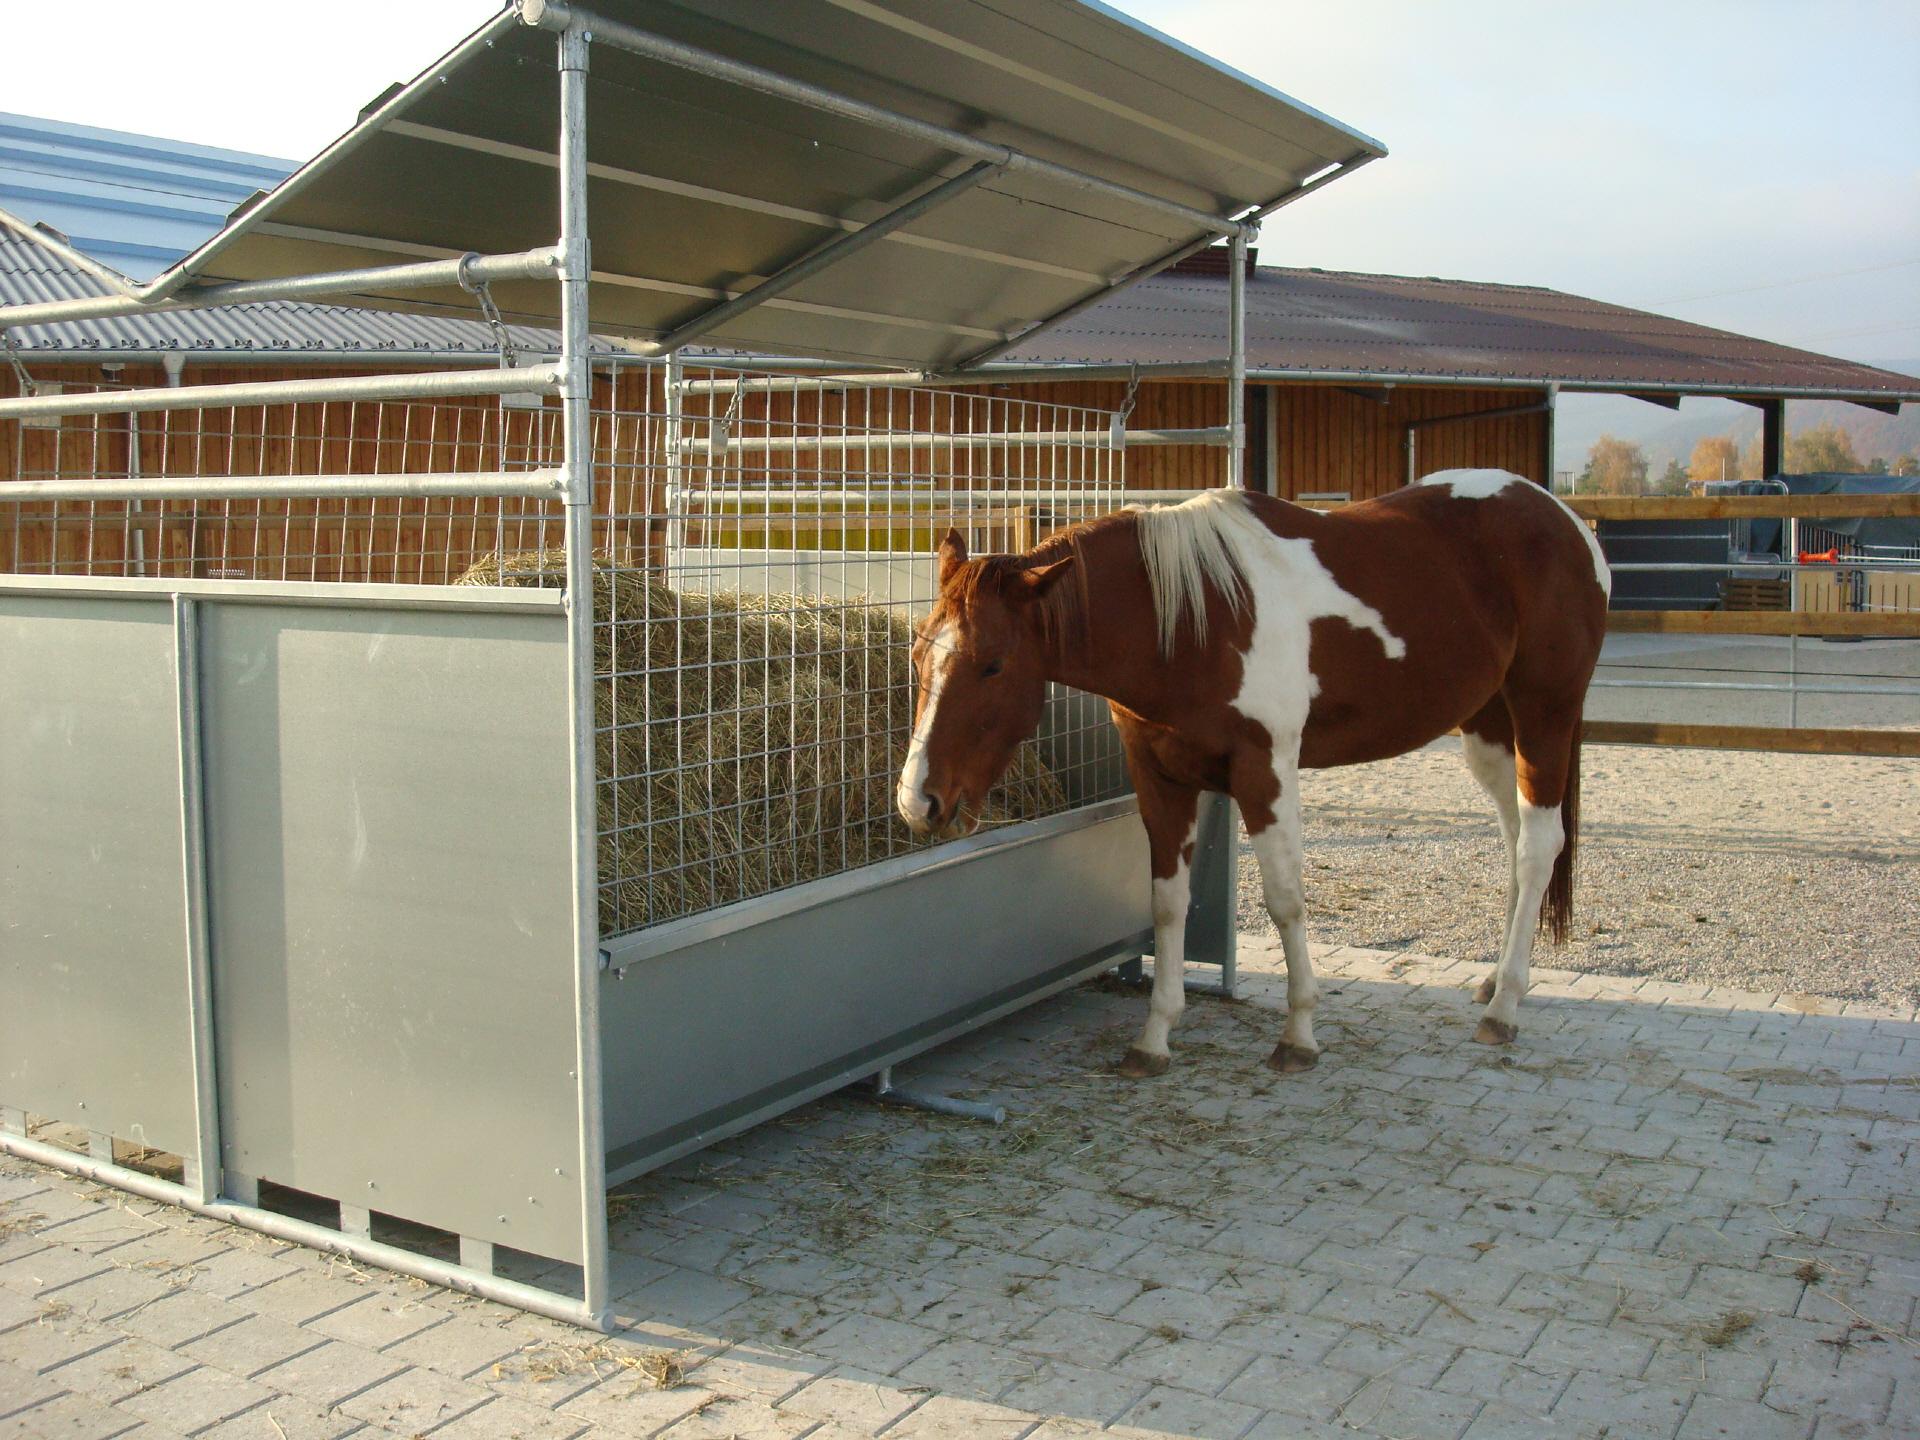 Was bieten wir den pferden for Boden heuraufe pferd